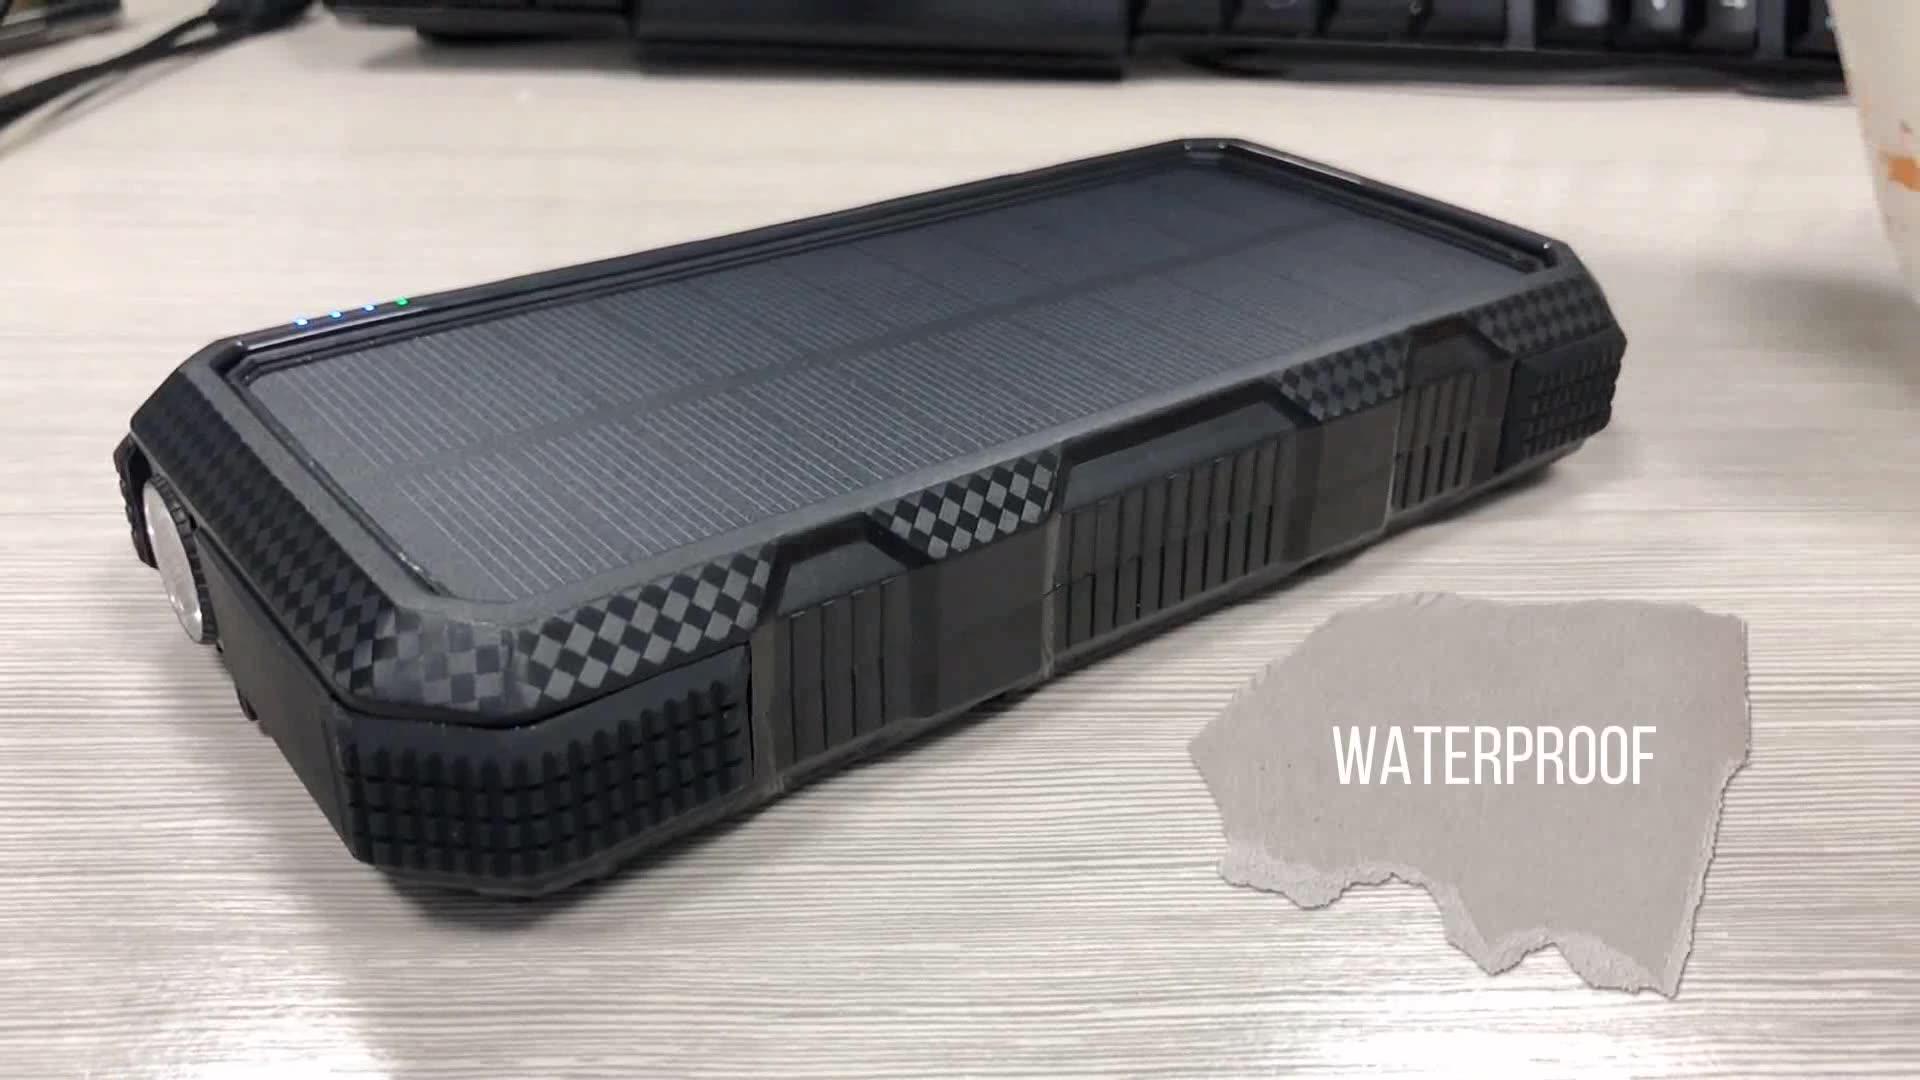 Dual Usb Portable Wireless Waterproof Solar Charger 5000Mah 10000Mah 20000Mah Solar Power Bank